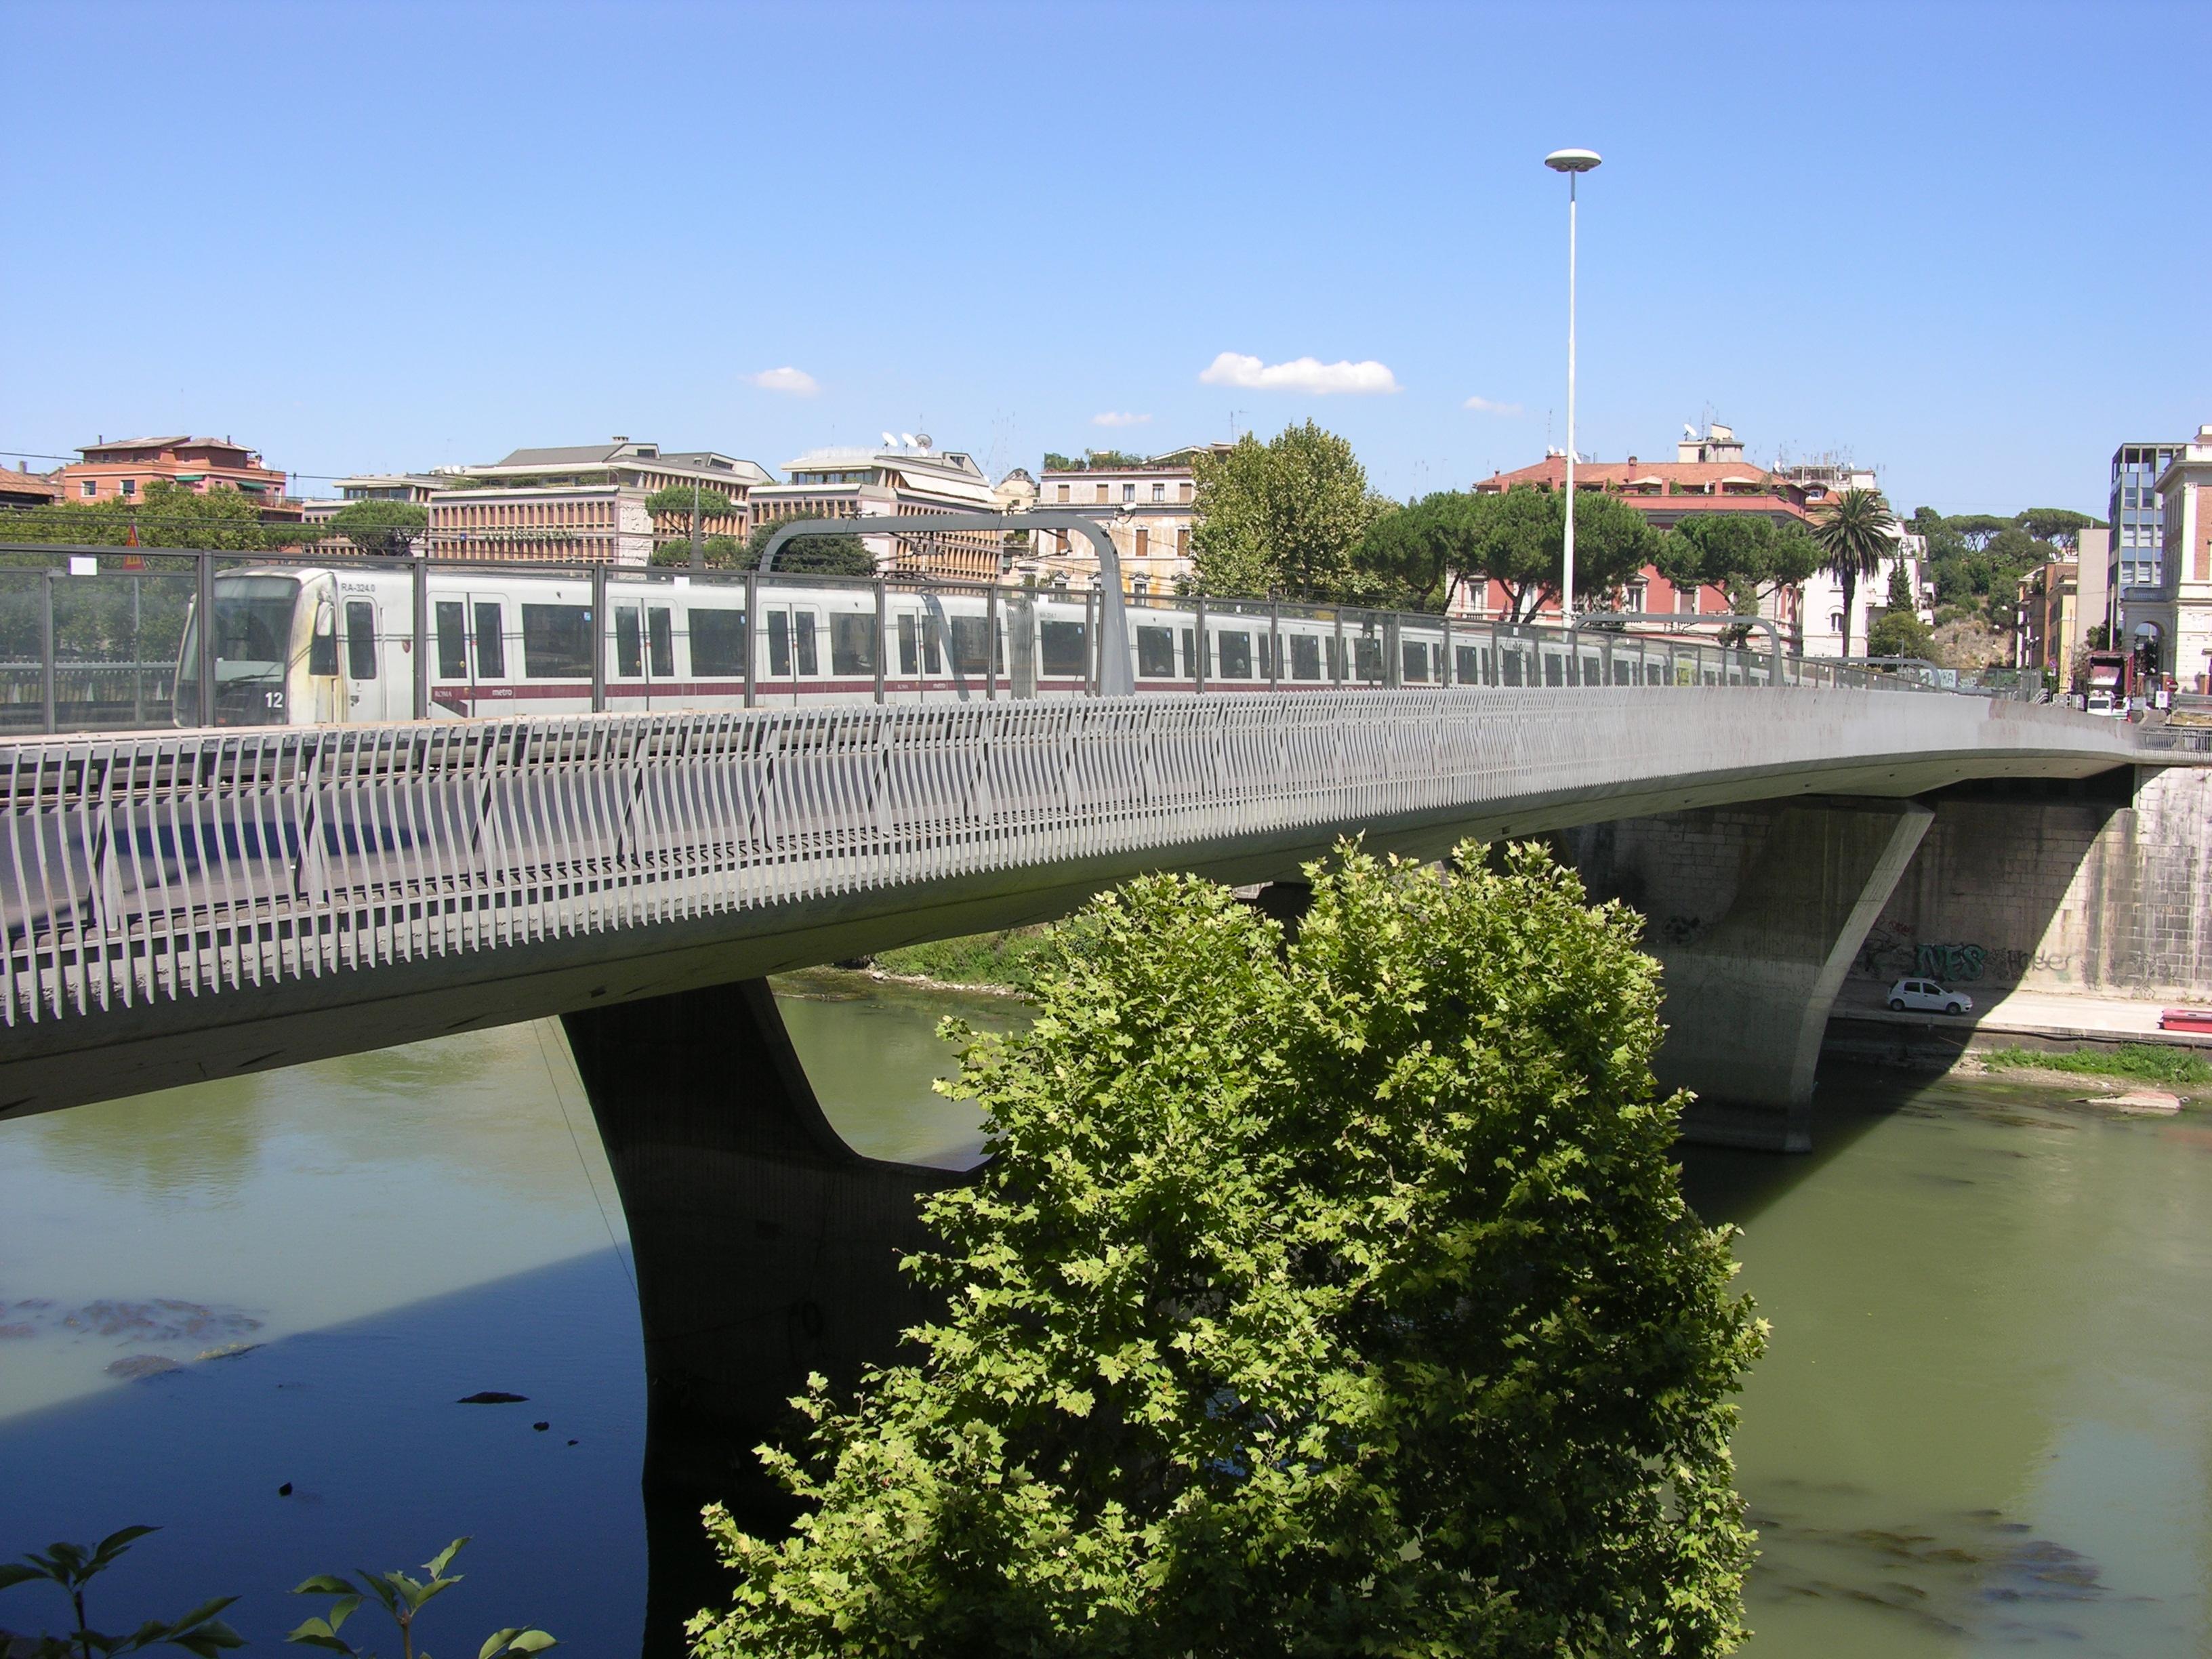 Per ammodernamento della Linea A, viene prorogata la chiusura notturna di Ponte Nenni